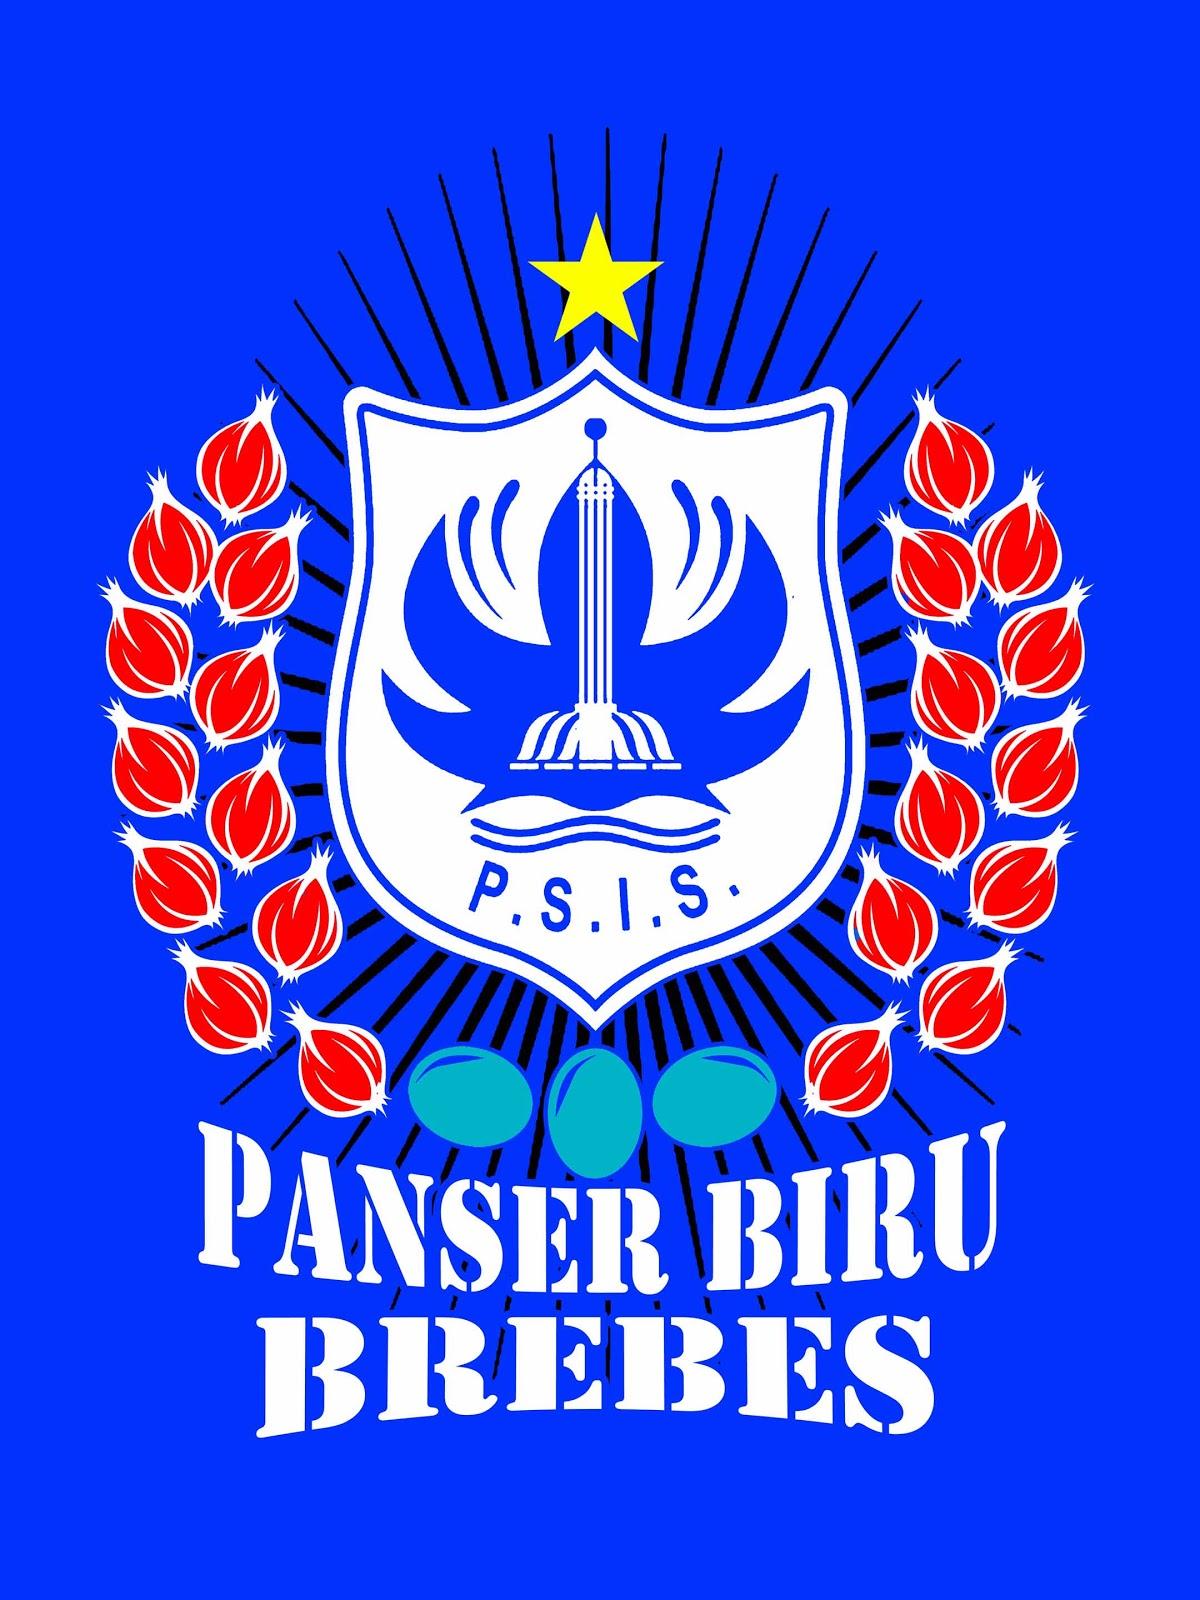 panser biru brebes logo panser biru brebes